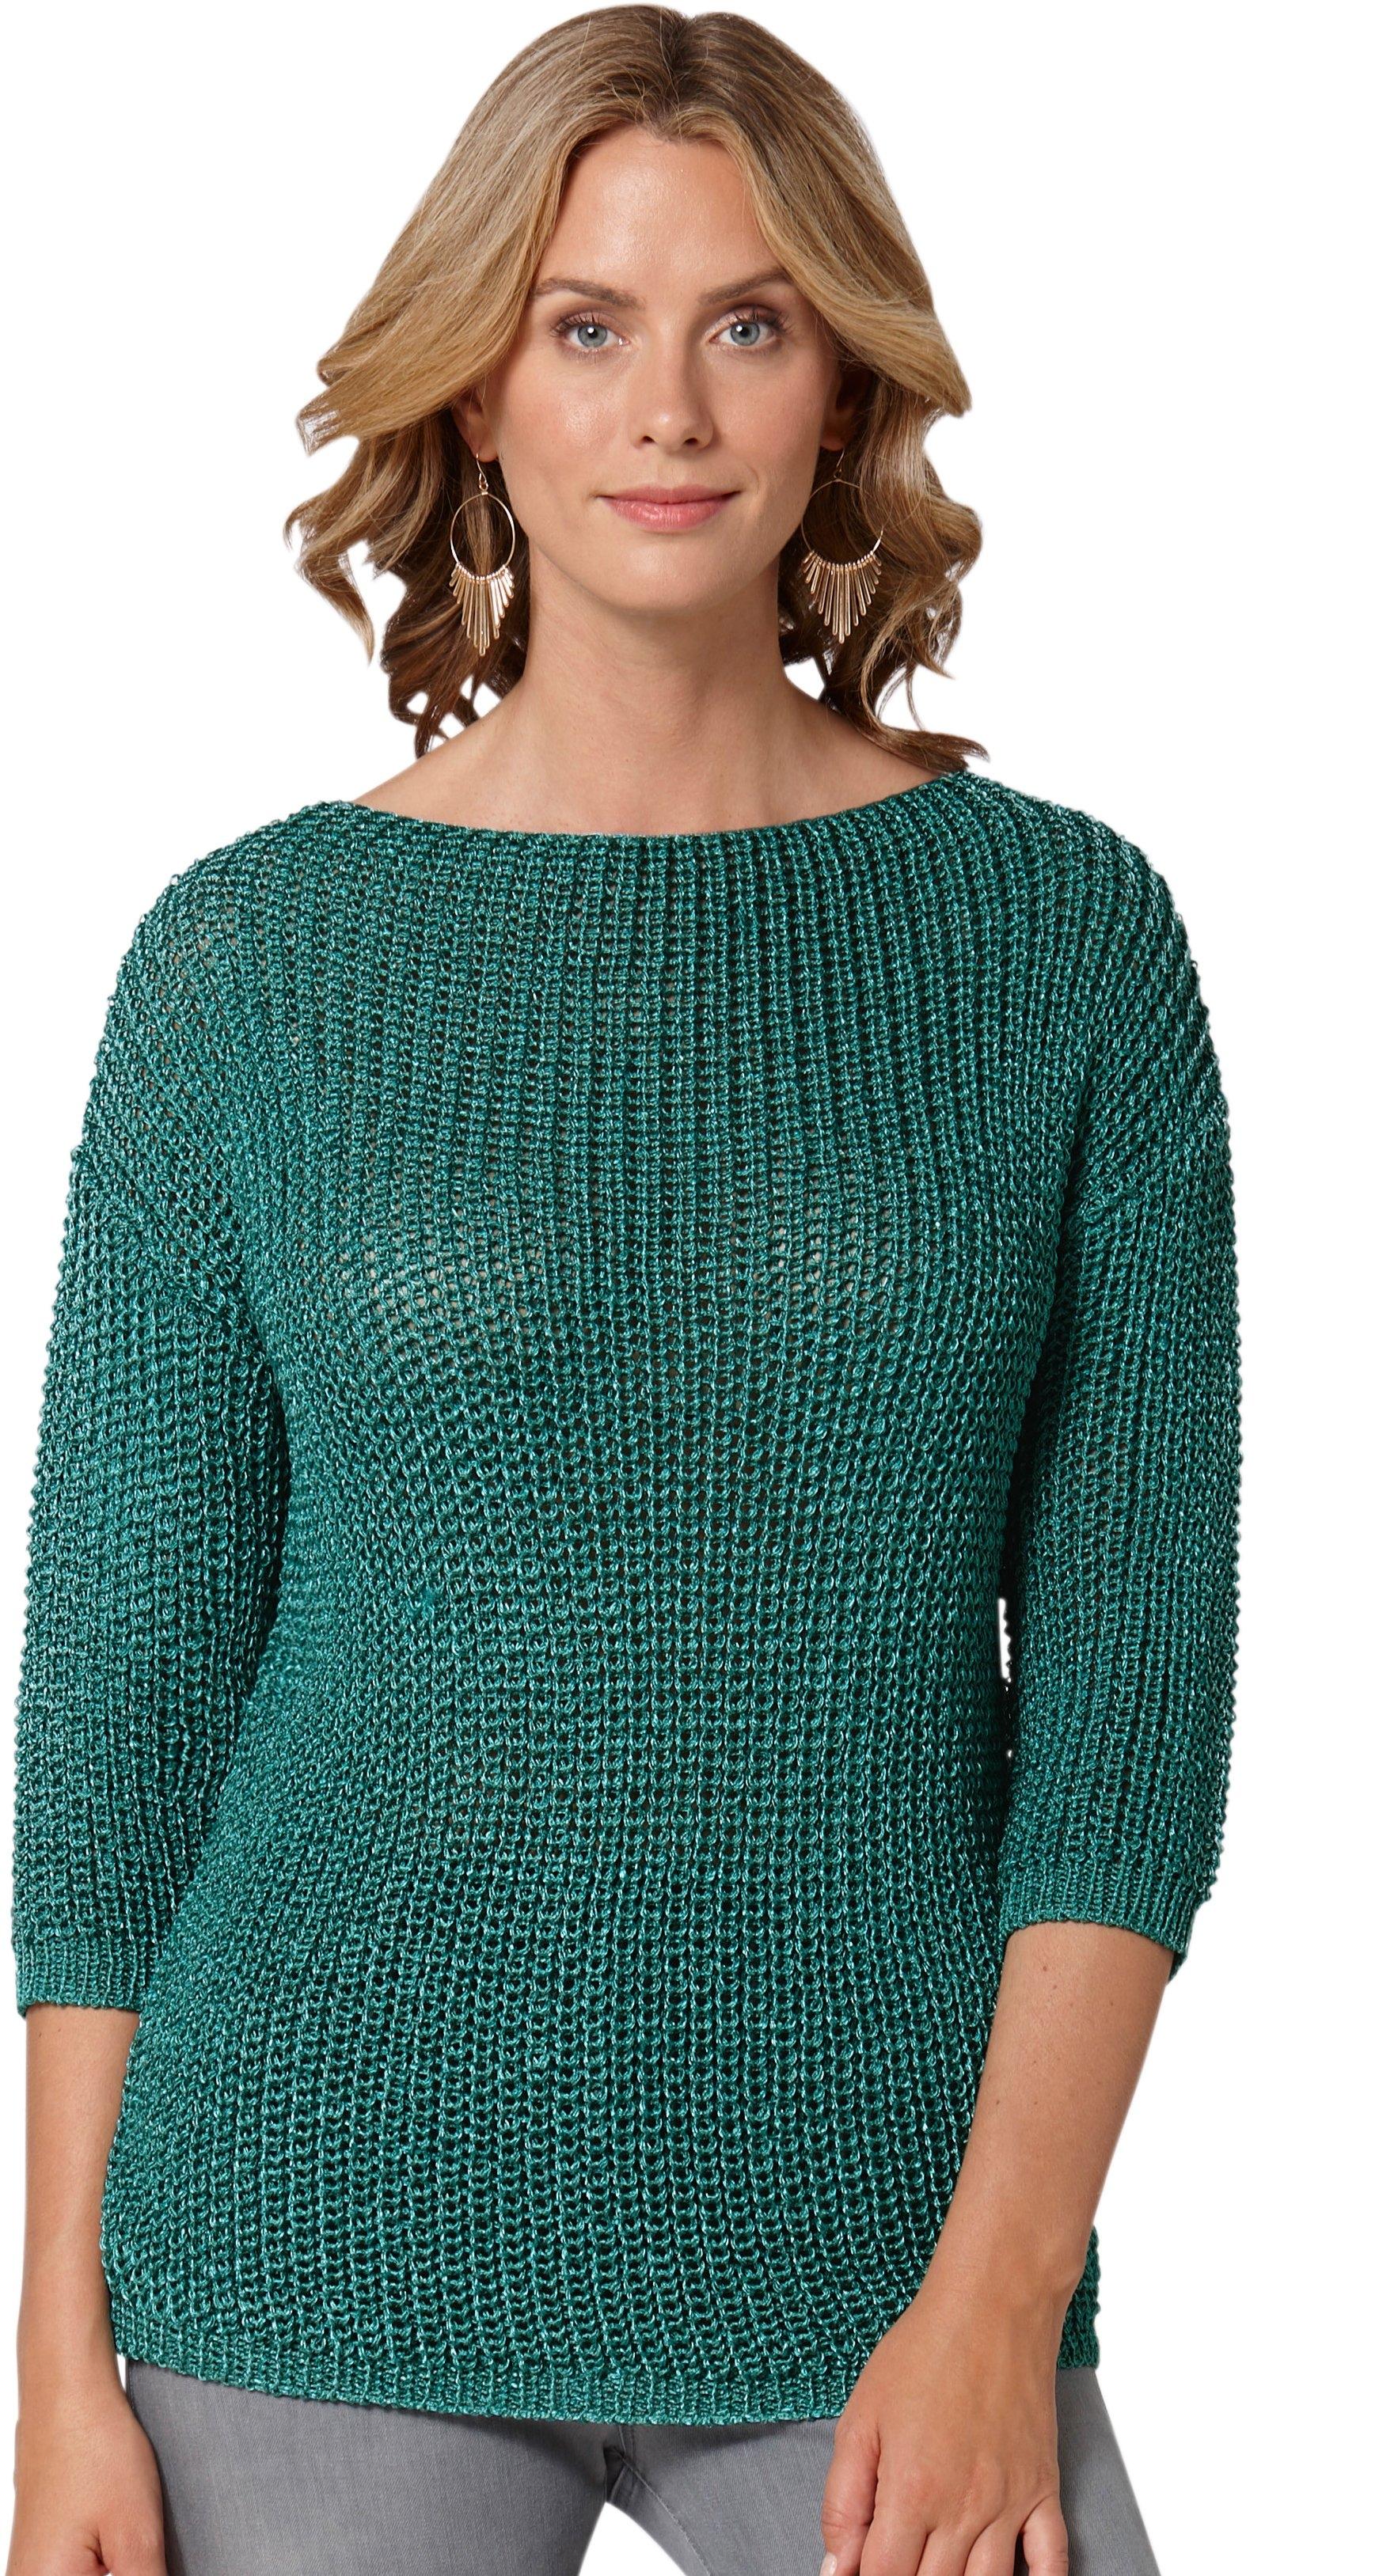 Ambria trui van luchtig licht zomertricot nu online bestellen